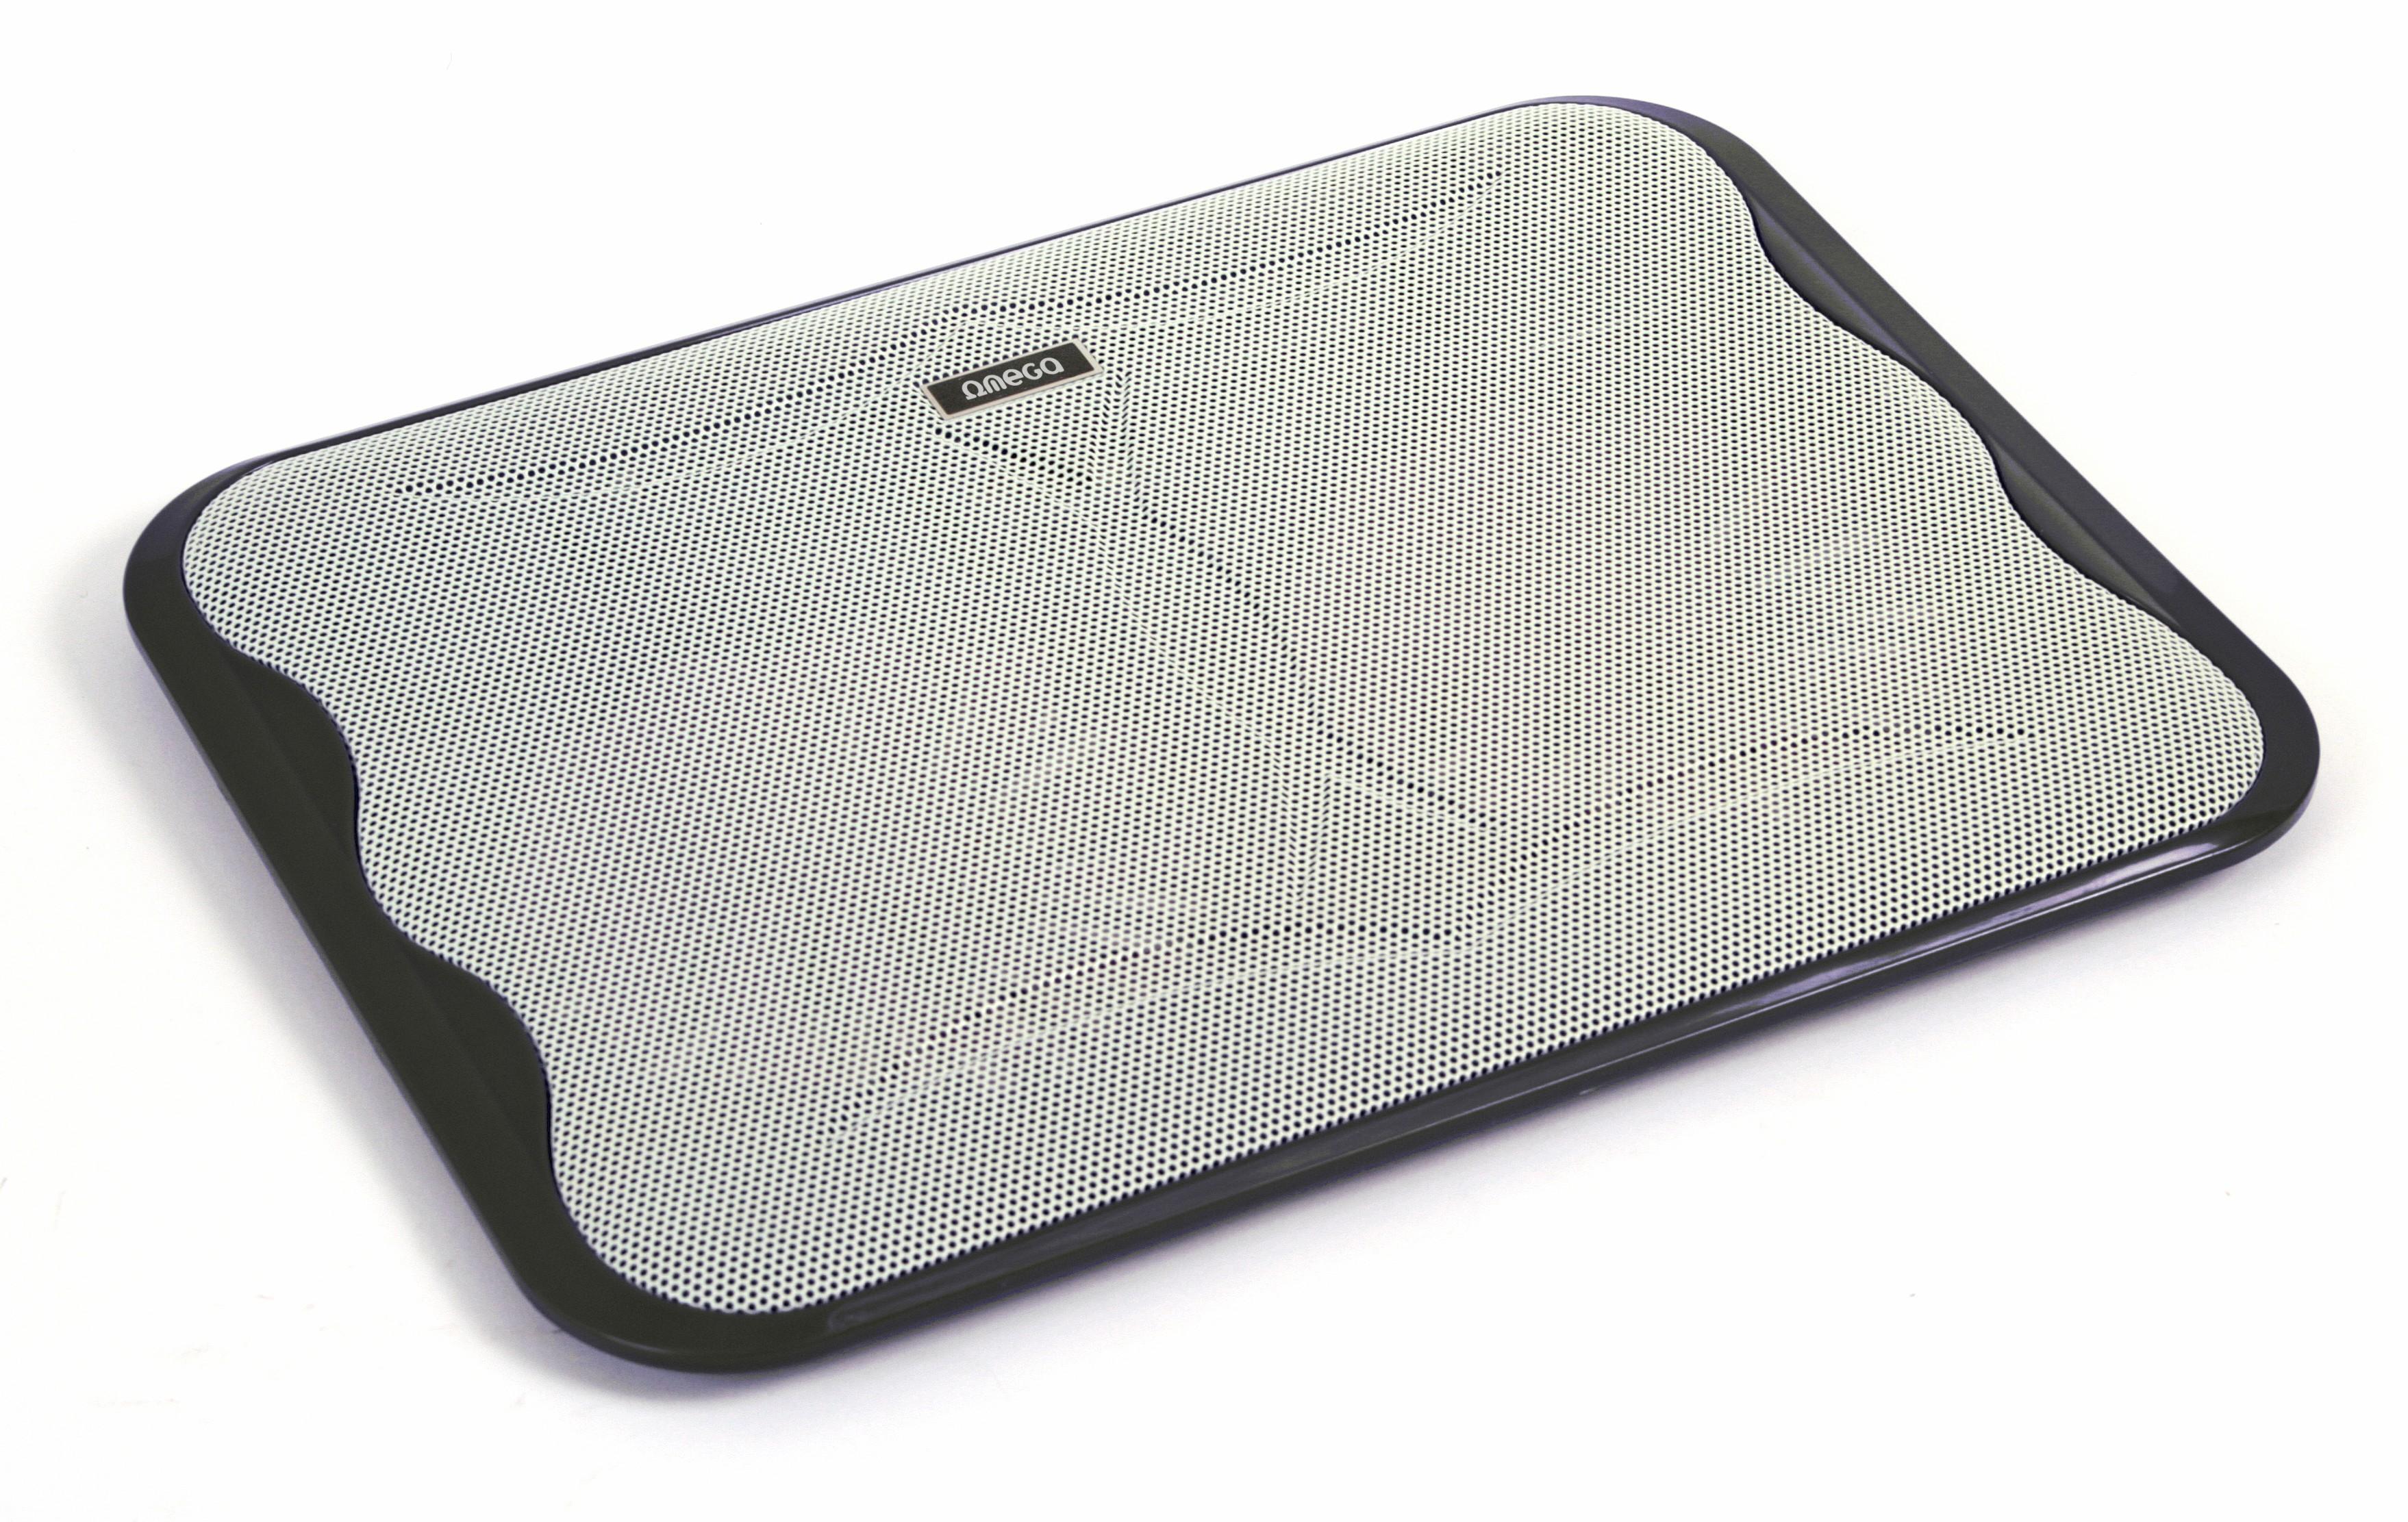 695b5d2886c Omega sülearvuti jahutusalus Ice Cube, must